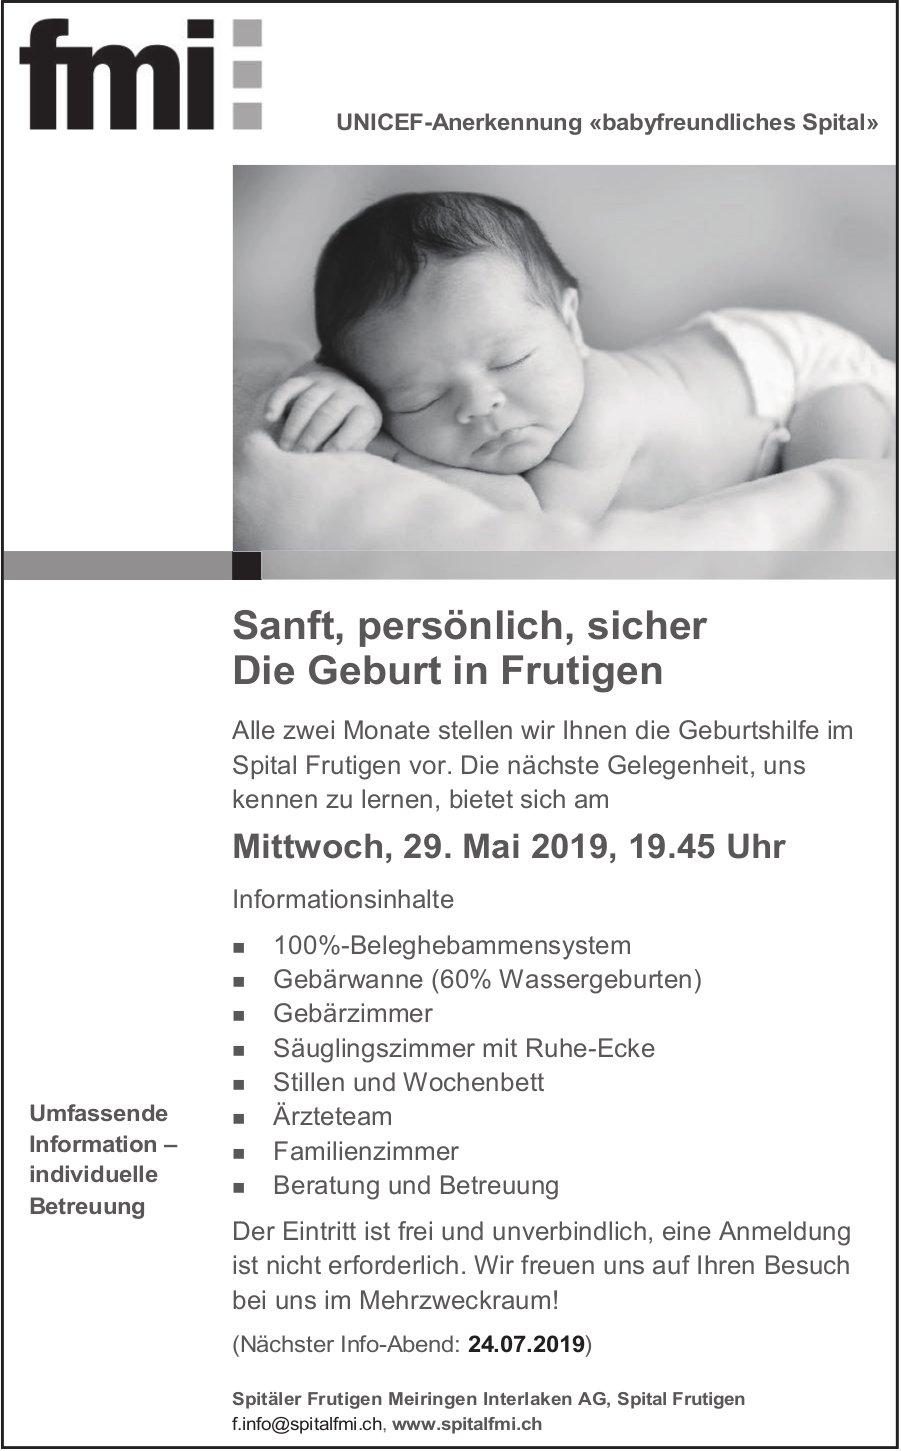 Informationsabend - Sanft, persönlich, sicher, Die Geburt in Frutigen, 29. Mai, Spital Frutigen